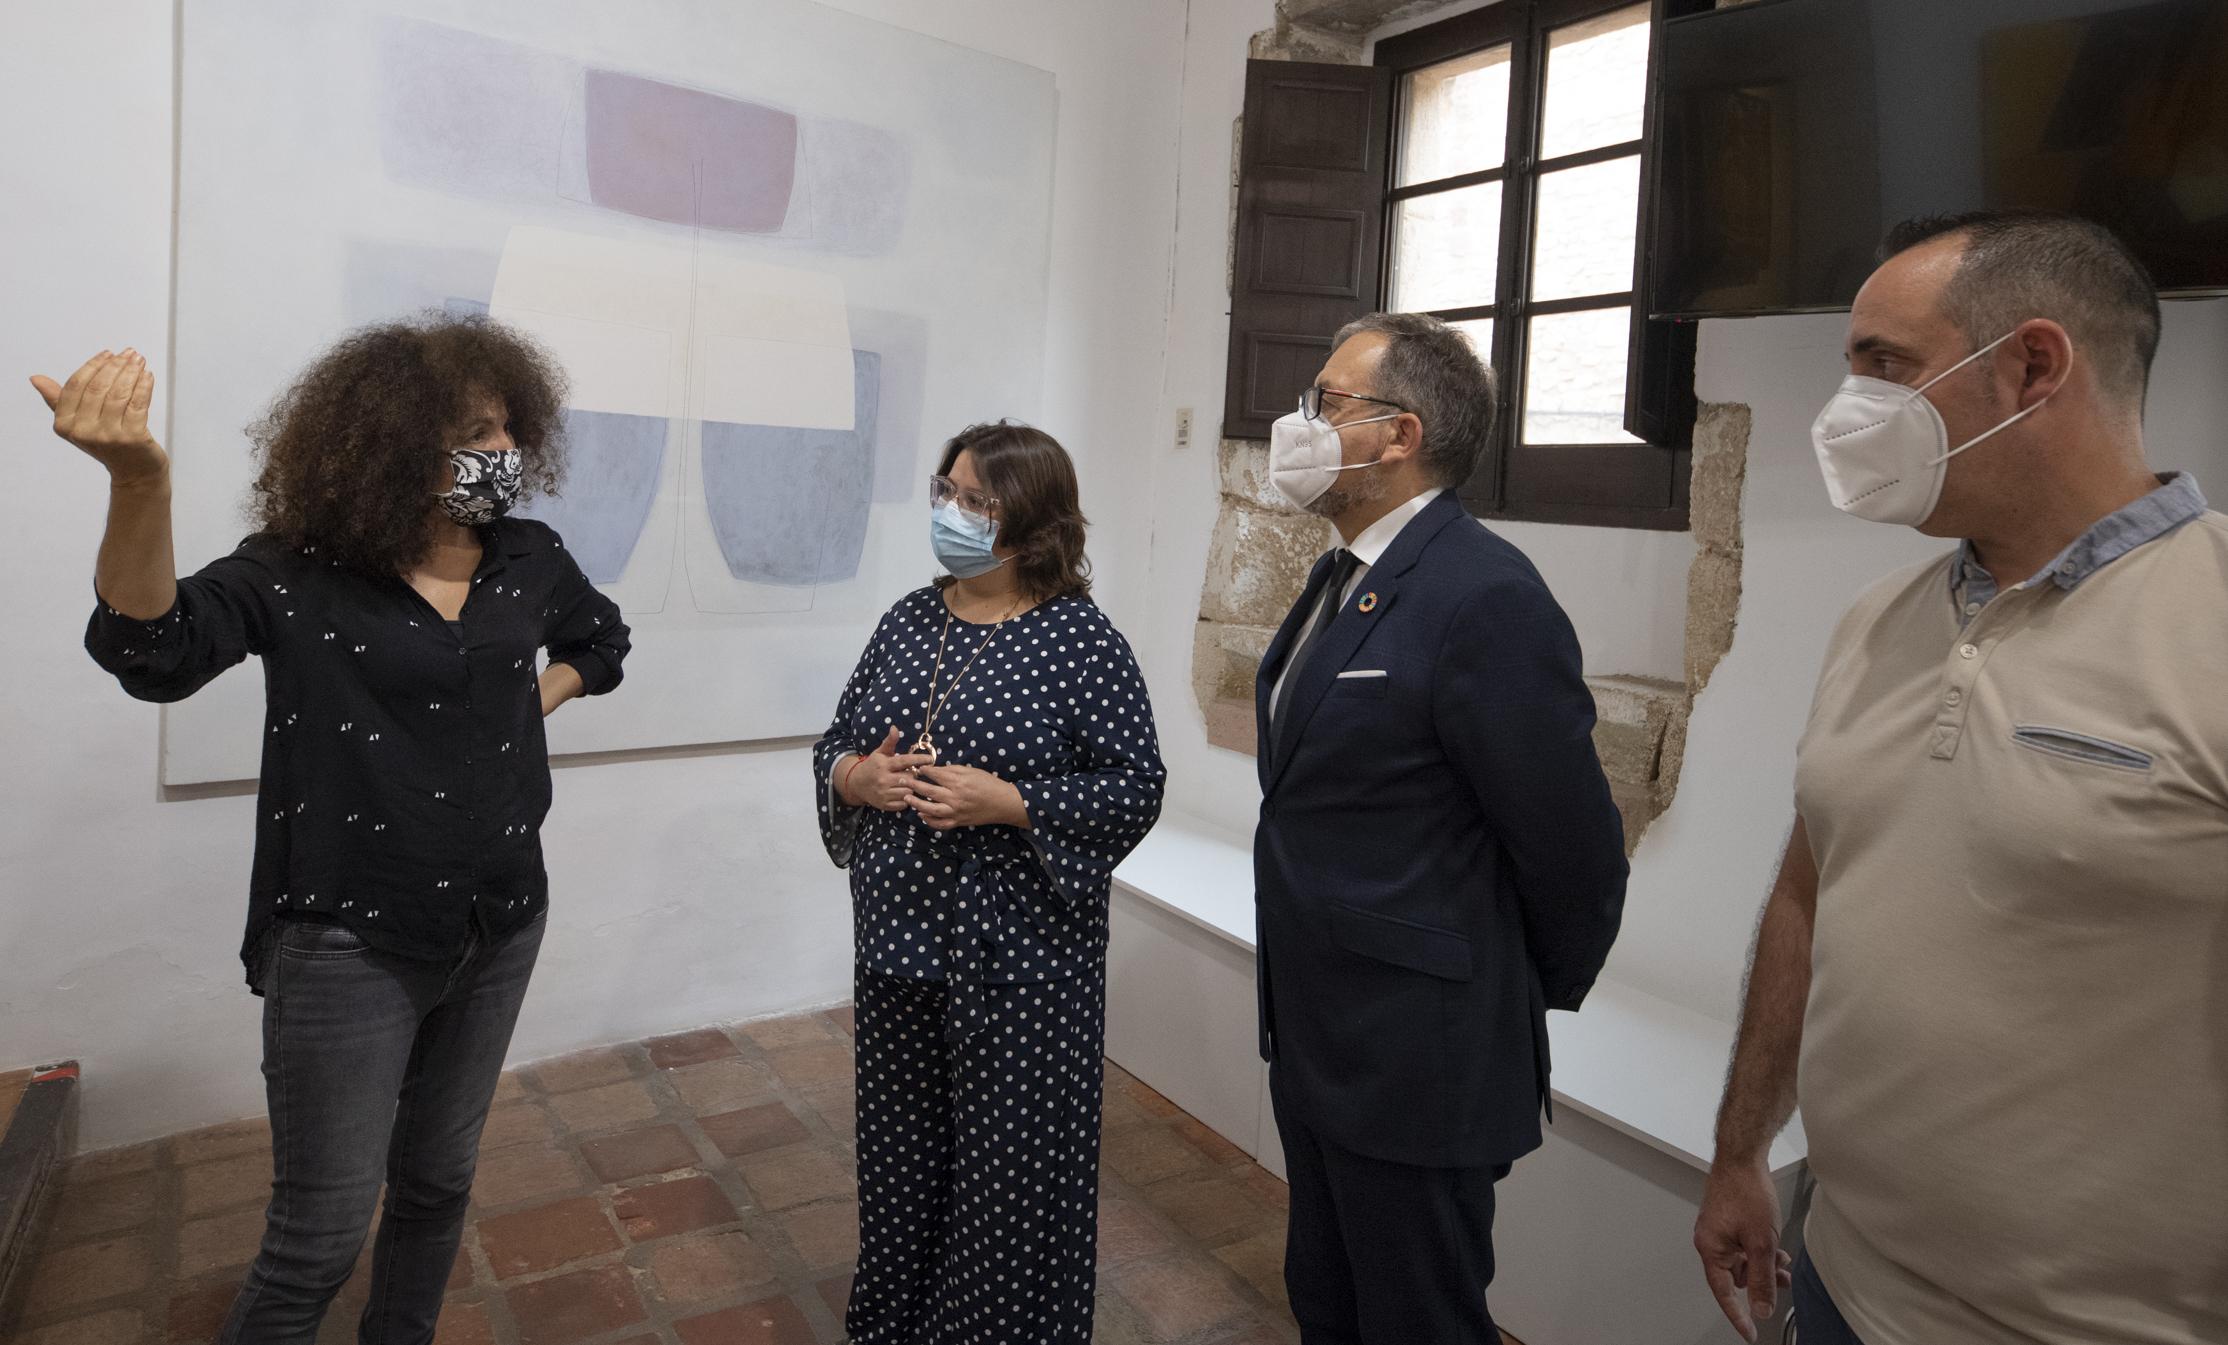 La Diputación de Castellón renueva la estructura del Museo de Arte Contemporáneo de Vilafamés afectada por un proyectil de la Guerra Civil